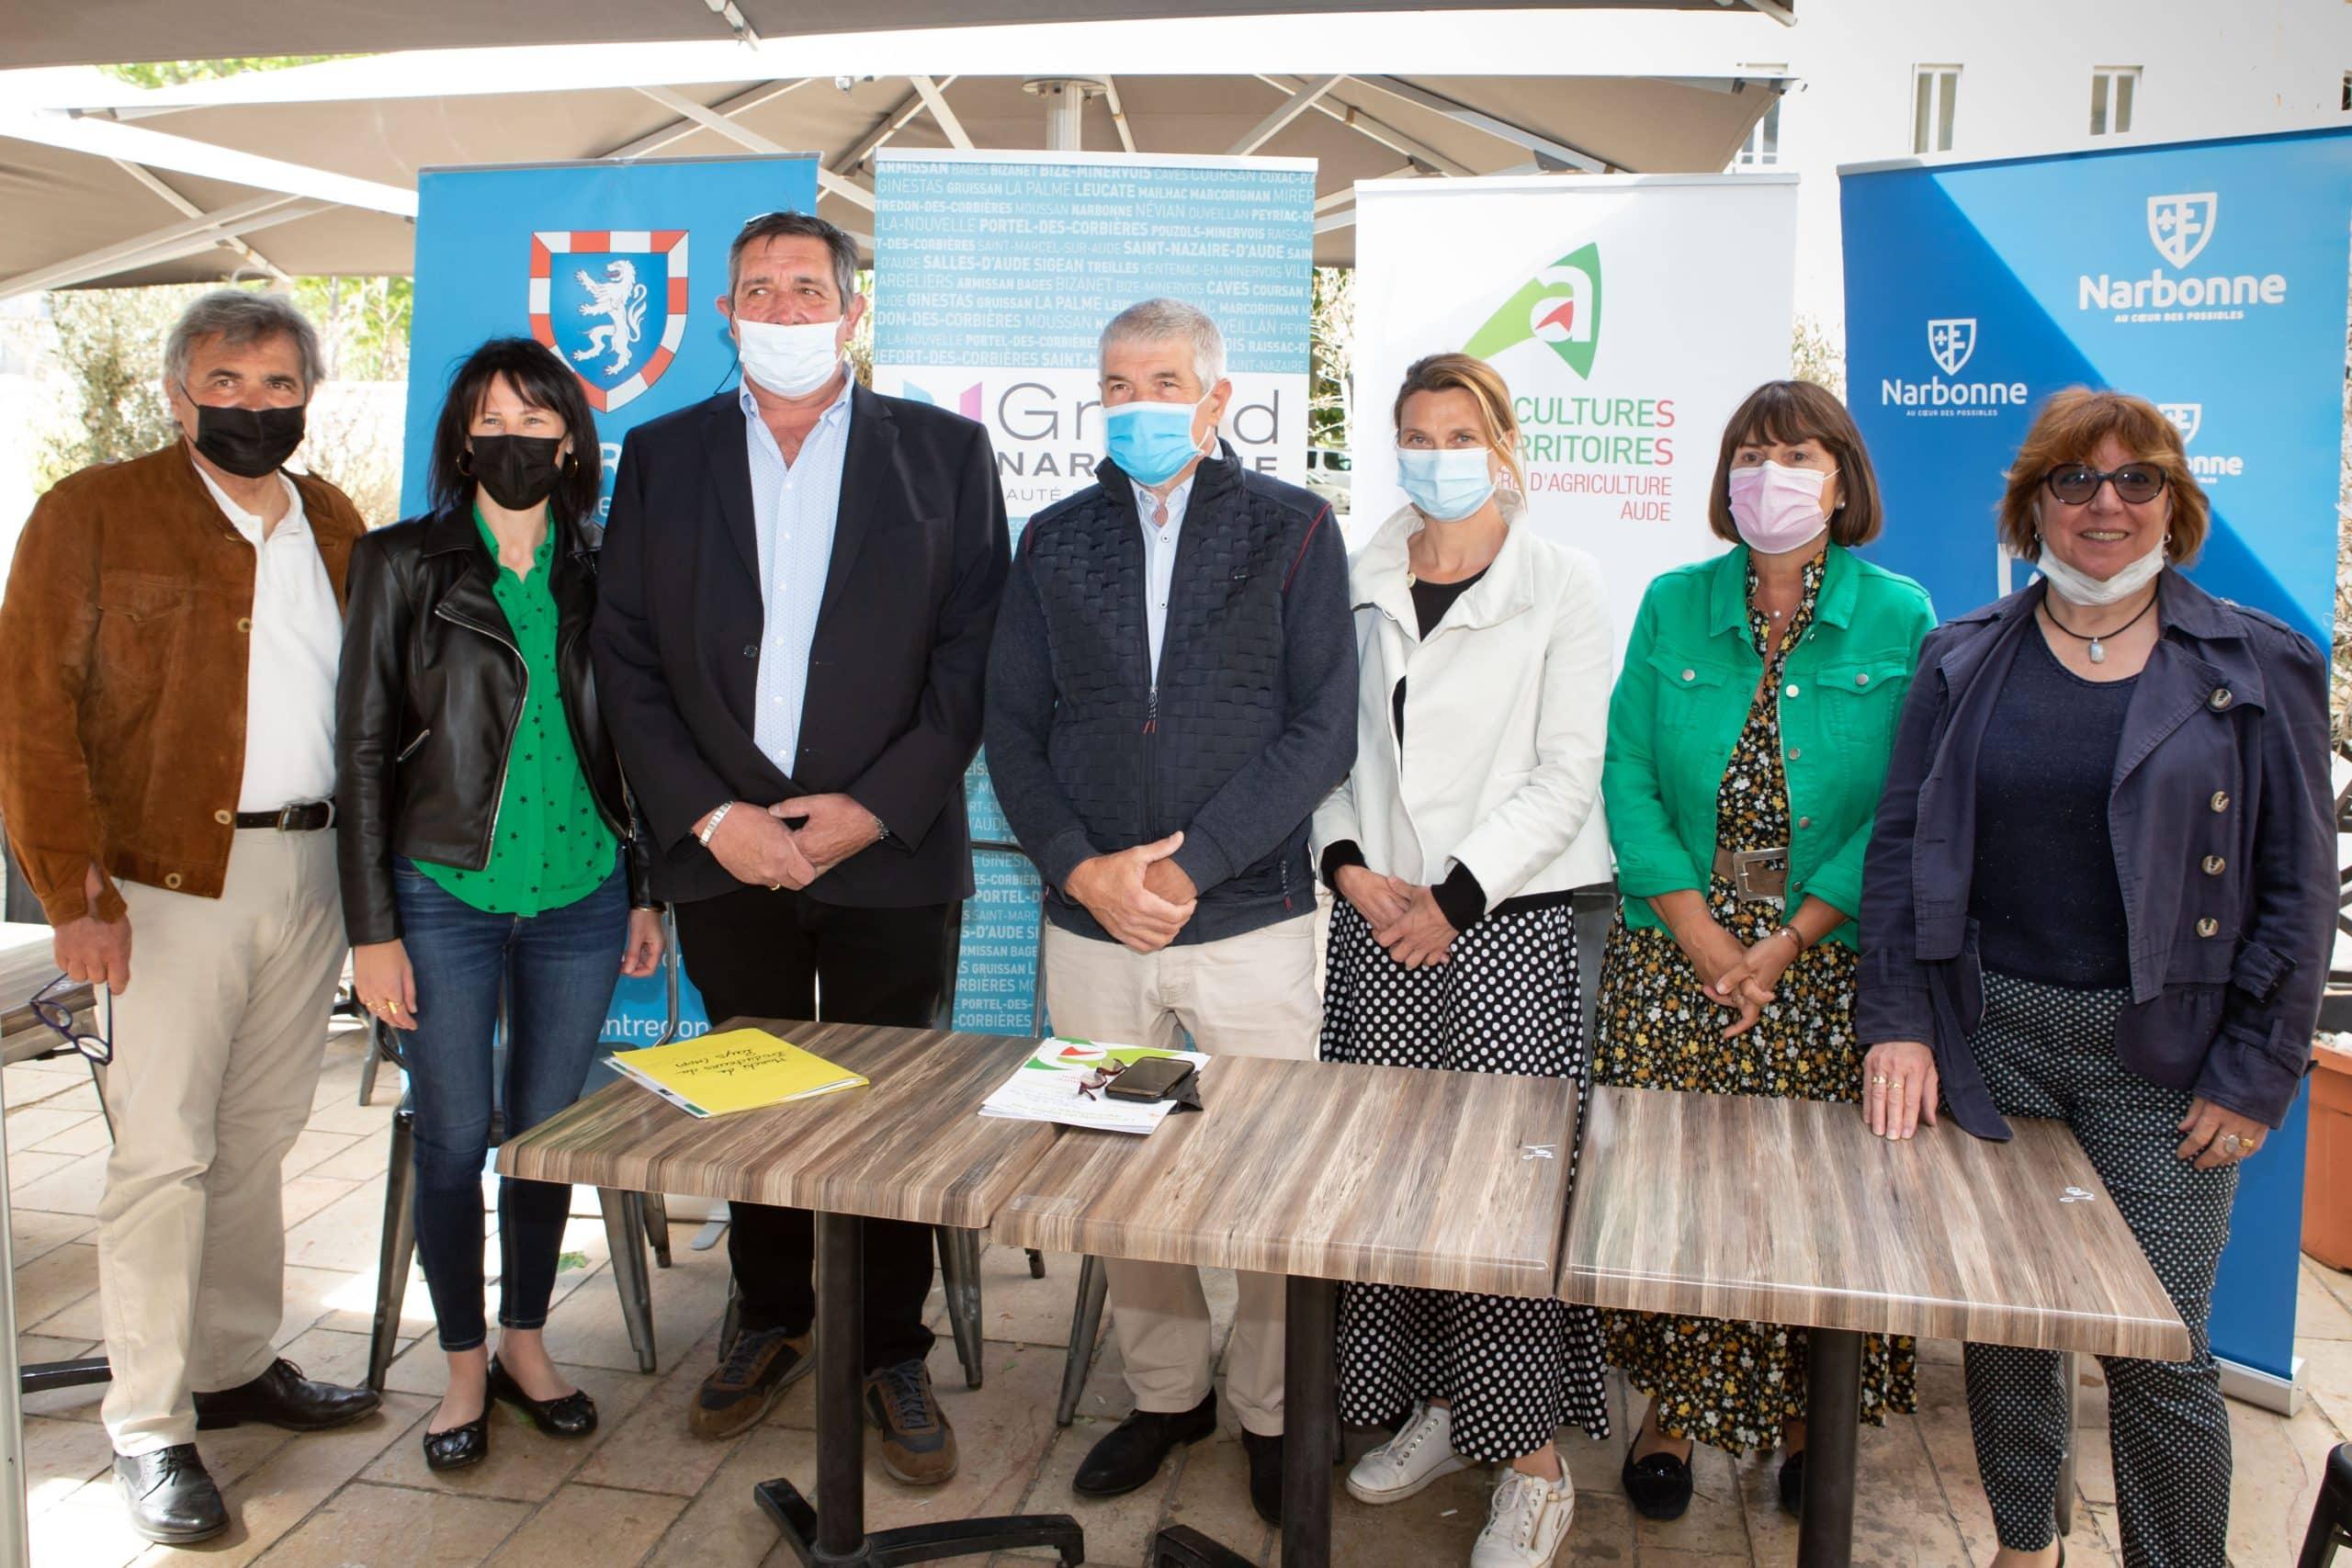 Les représentants de la ville de Narbonne, du Grand Narbonne et de l'association des marchés des producteurs du pays de l'Aude qui ont organisé ces évènements. ©Mairie de Narbonne